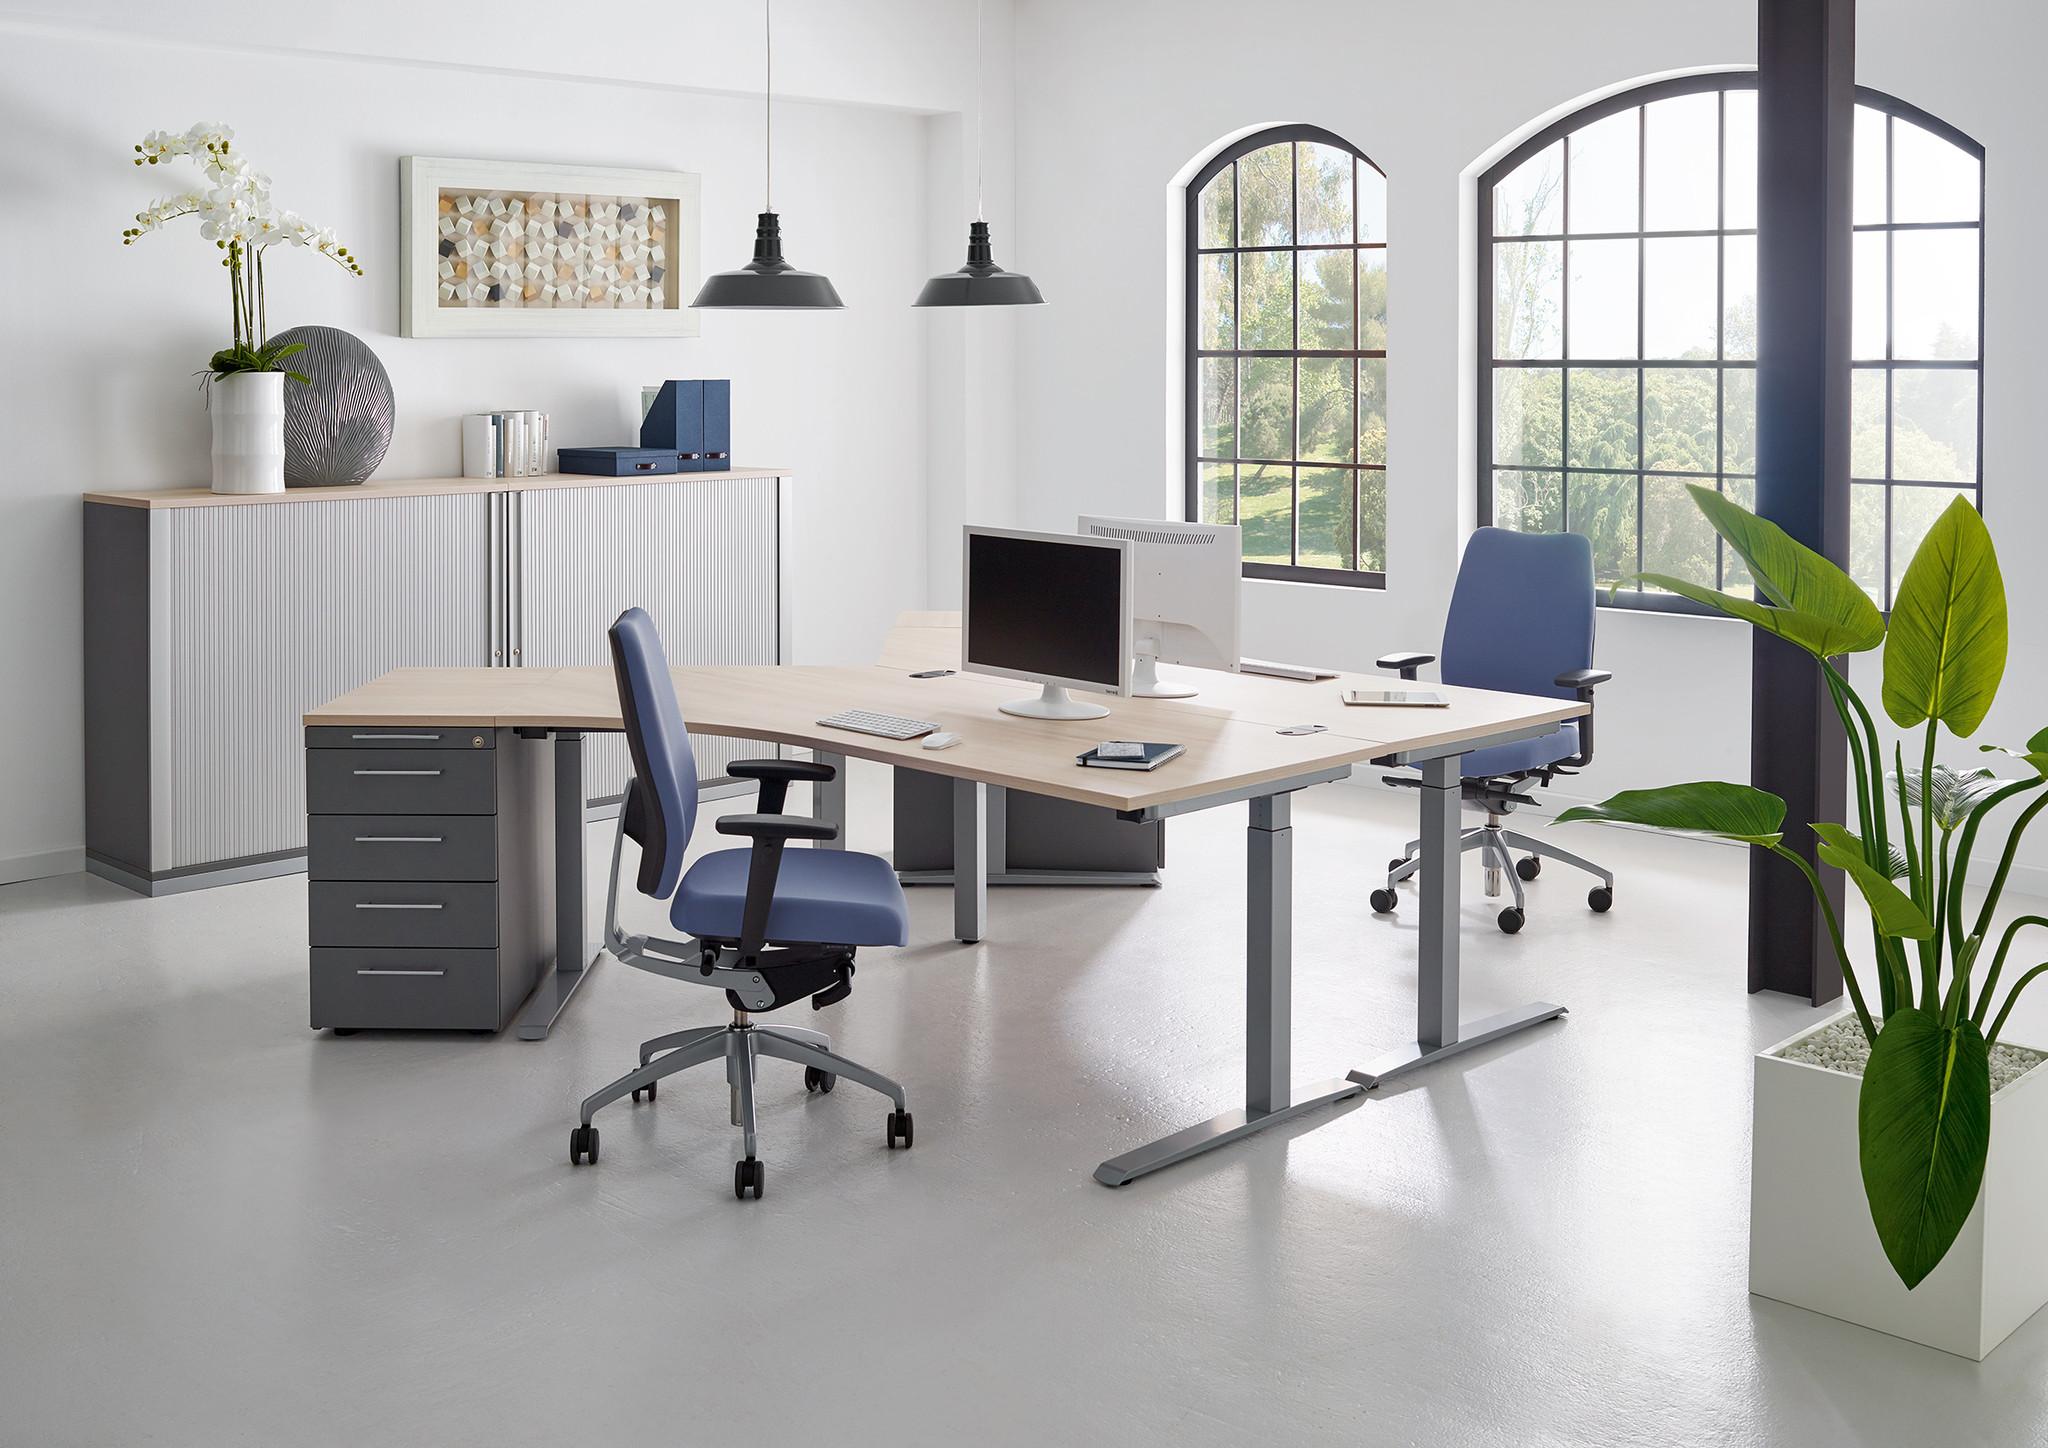 Produkte Schreibtischsysteme All in one fm69 Kombi